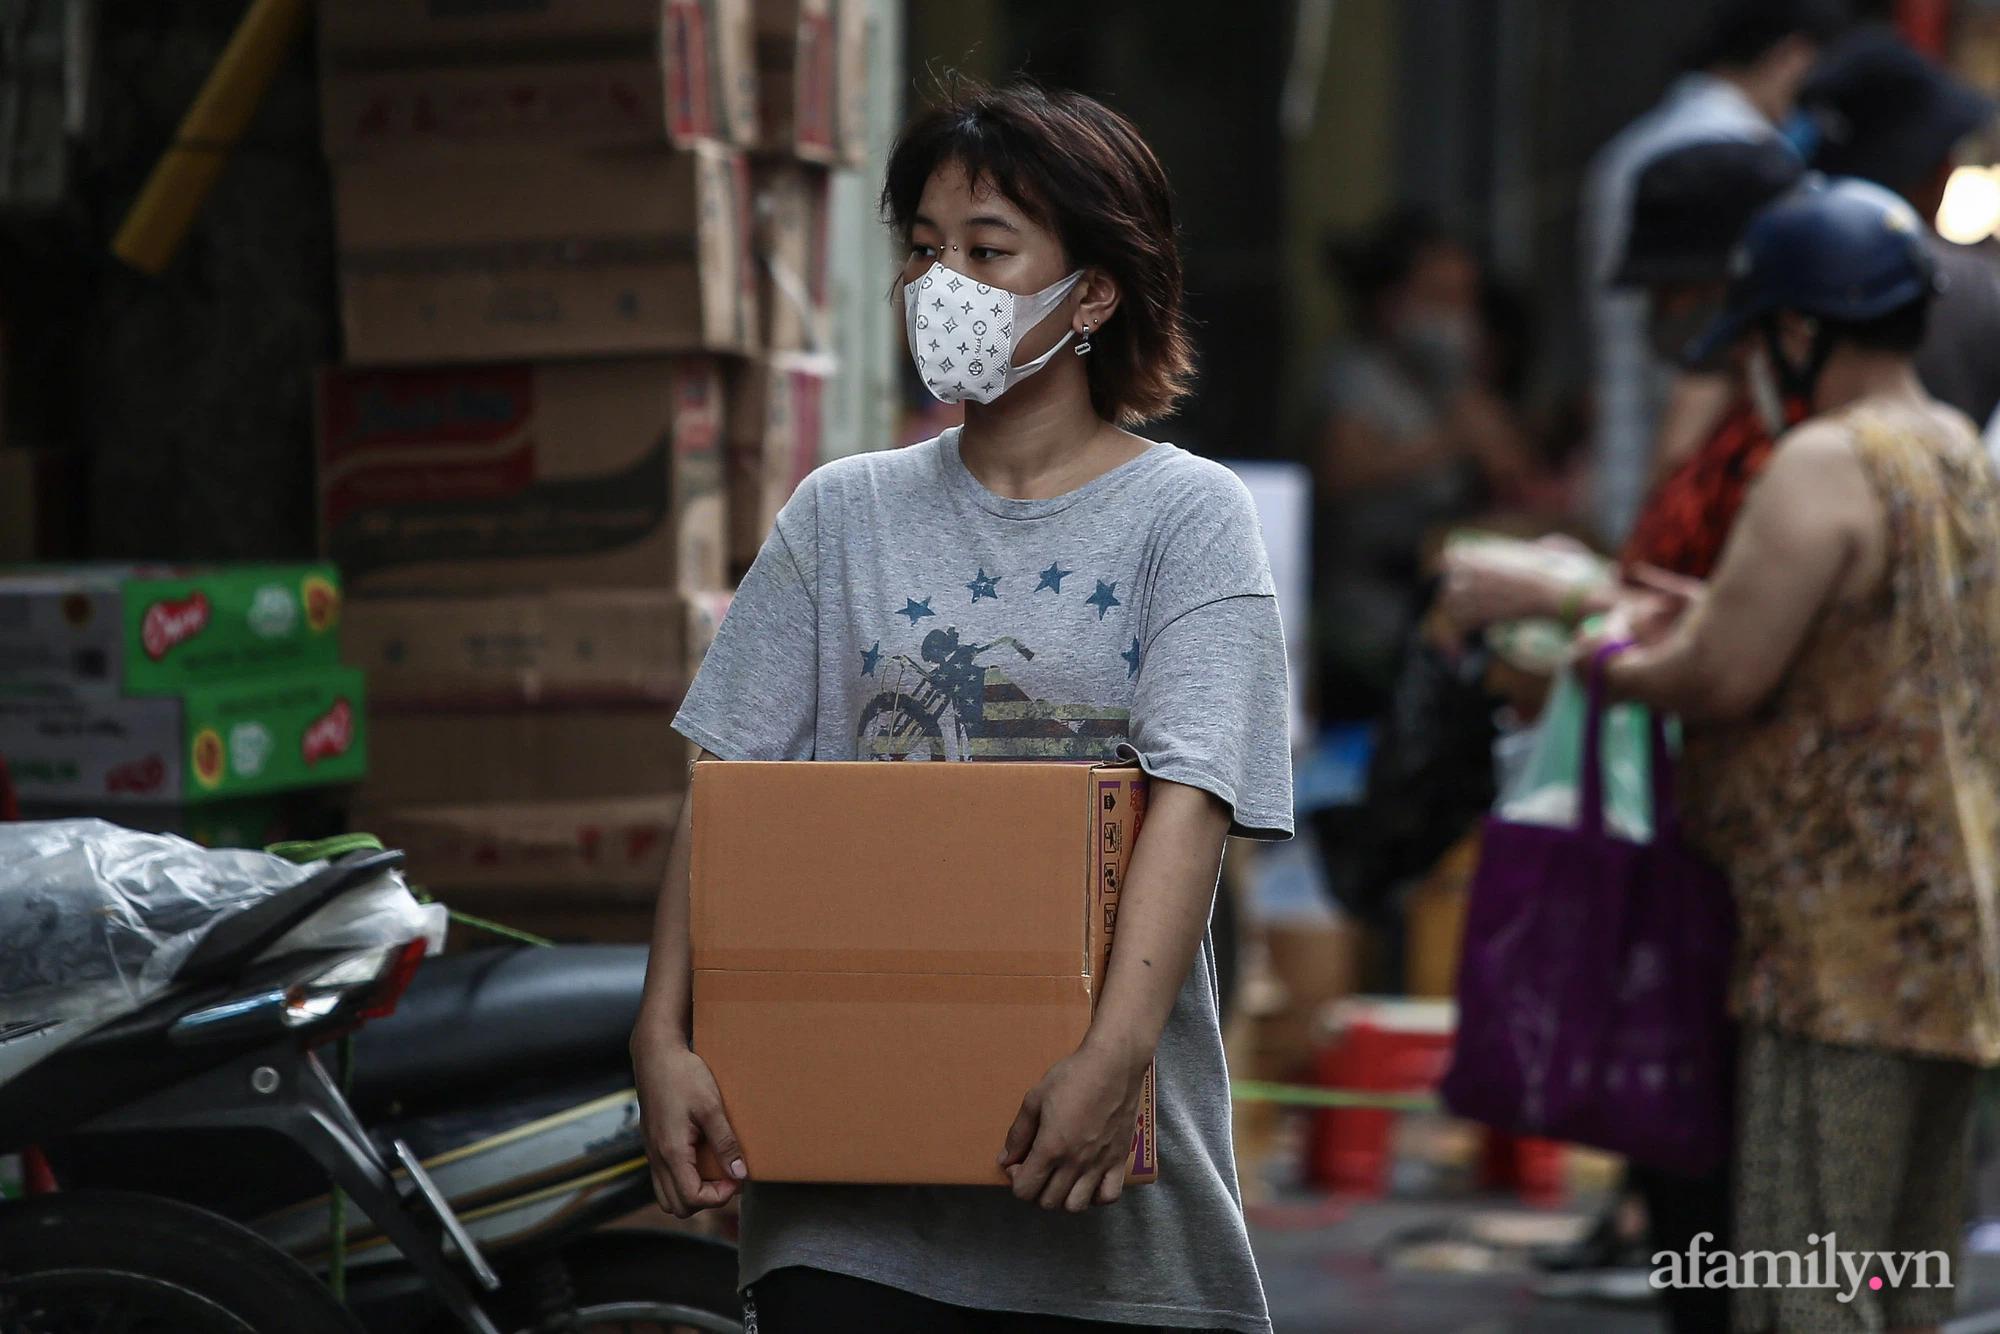 Ngày đầu giãn cách theo Chỉ thị 16, khu chợ ở Hà Nội kẻ vạch cách nhau 2 m, người mua kẻ bán tuy xa mặt nhưng không cách lòng - Ảnh 15.